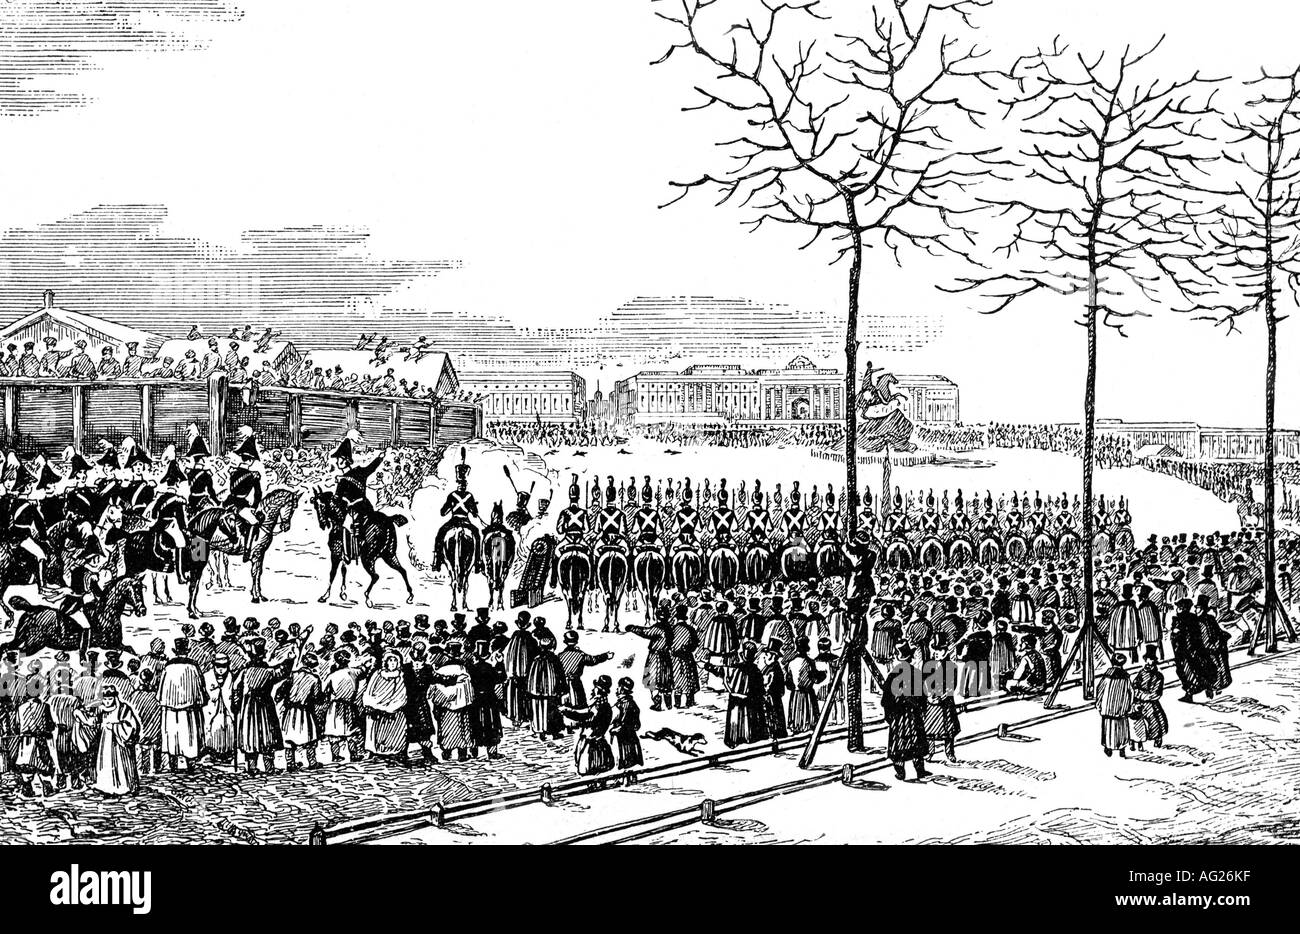 Decembrist uprising on Senate Square in 1825 27